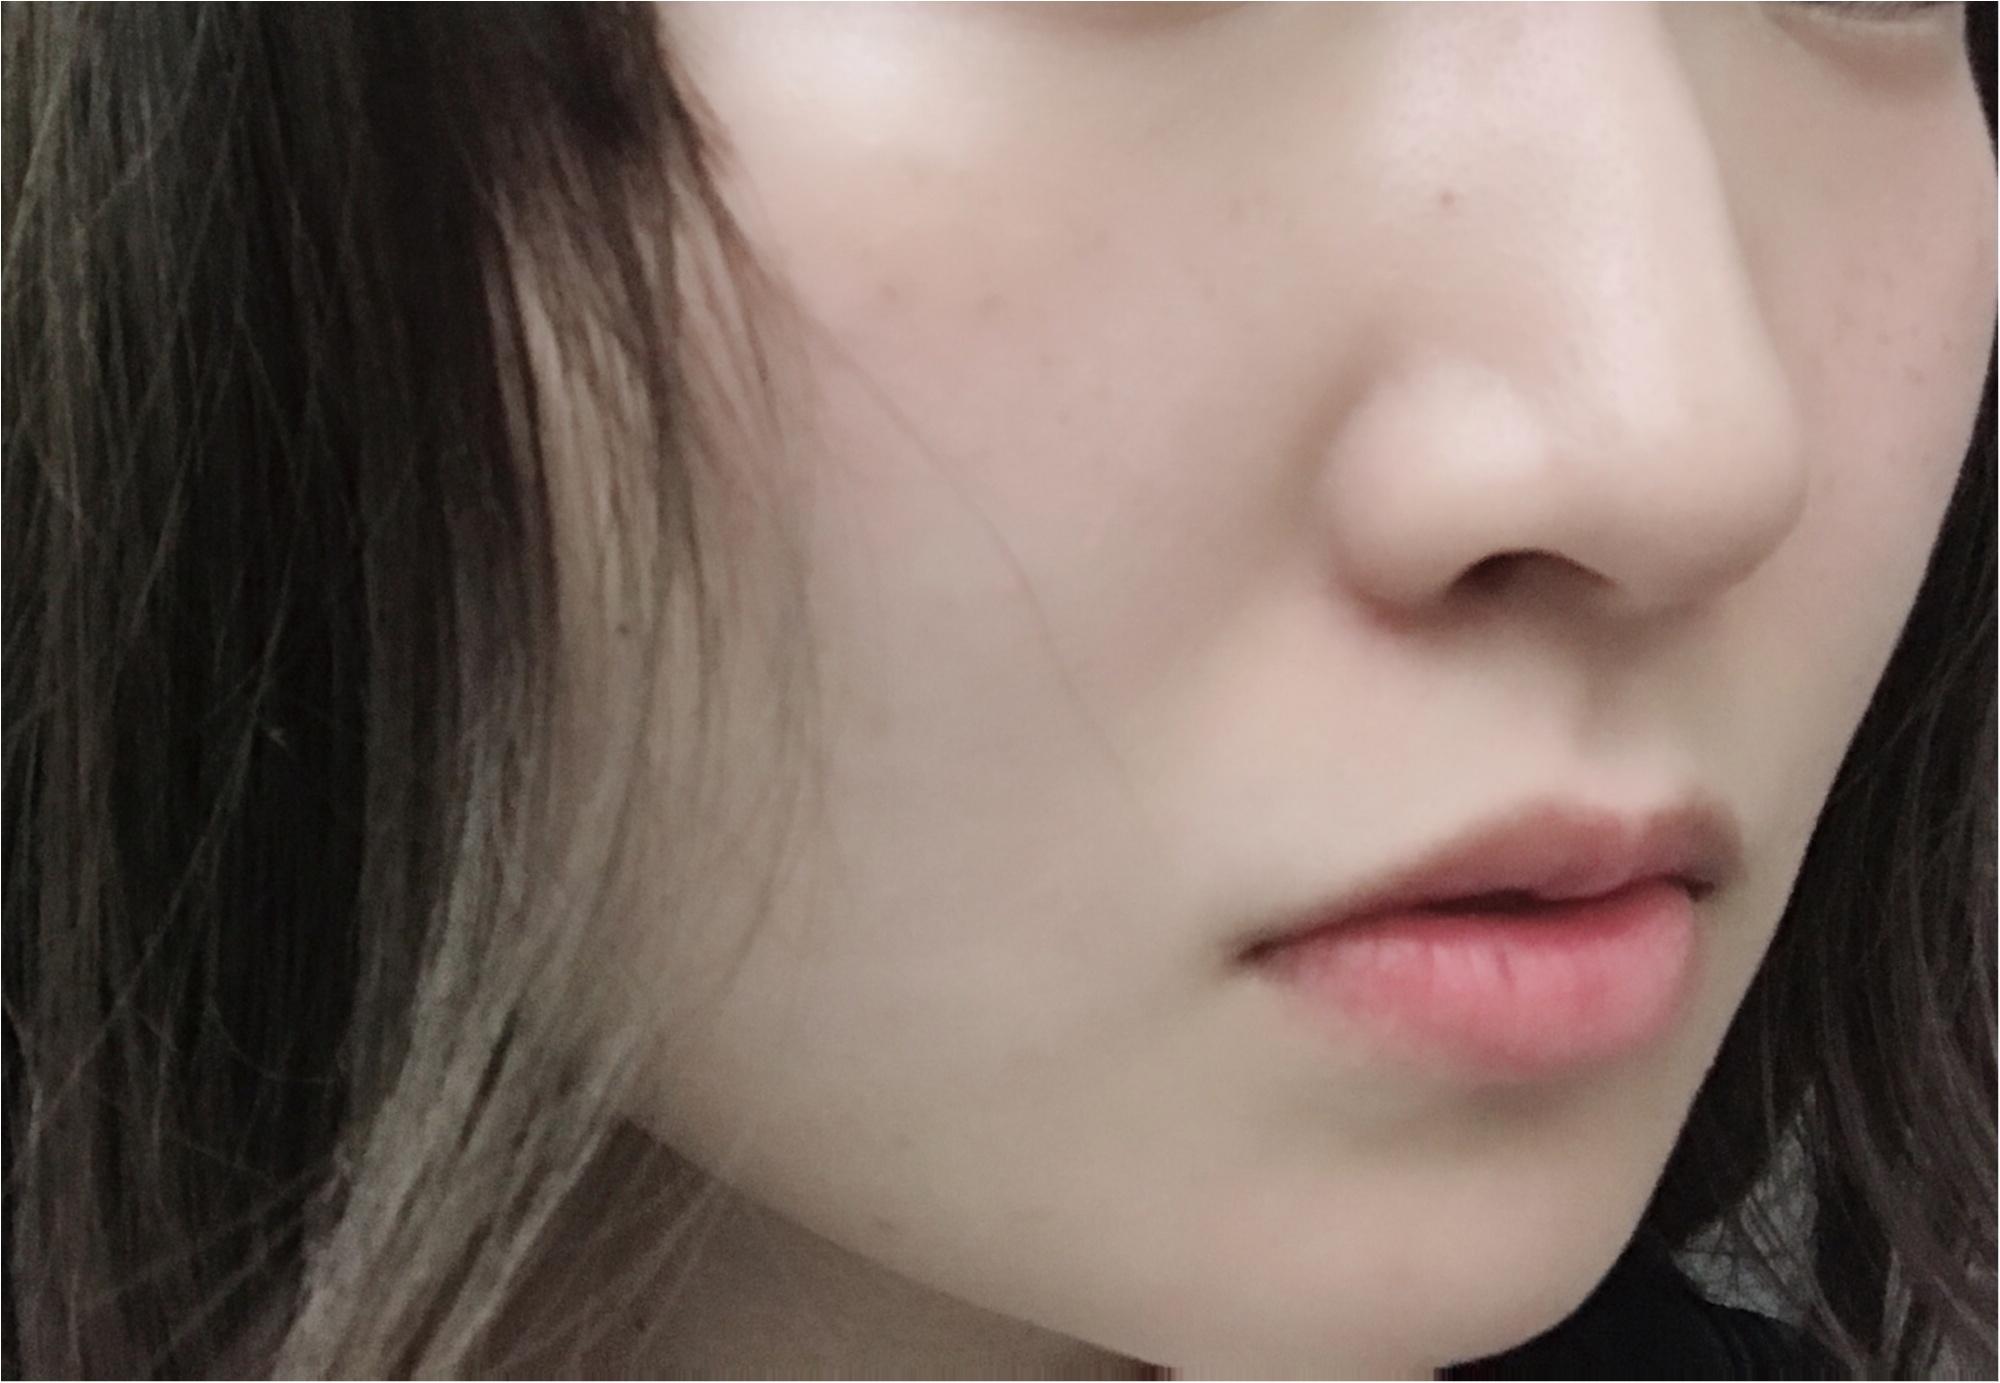 テカリ防止のおすすめ下地《2019年最新》 - テカリやメイクの皮脂くずれを防ぐ化粧下地まとめ_13